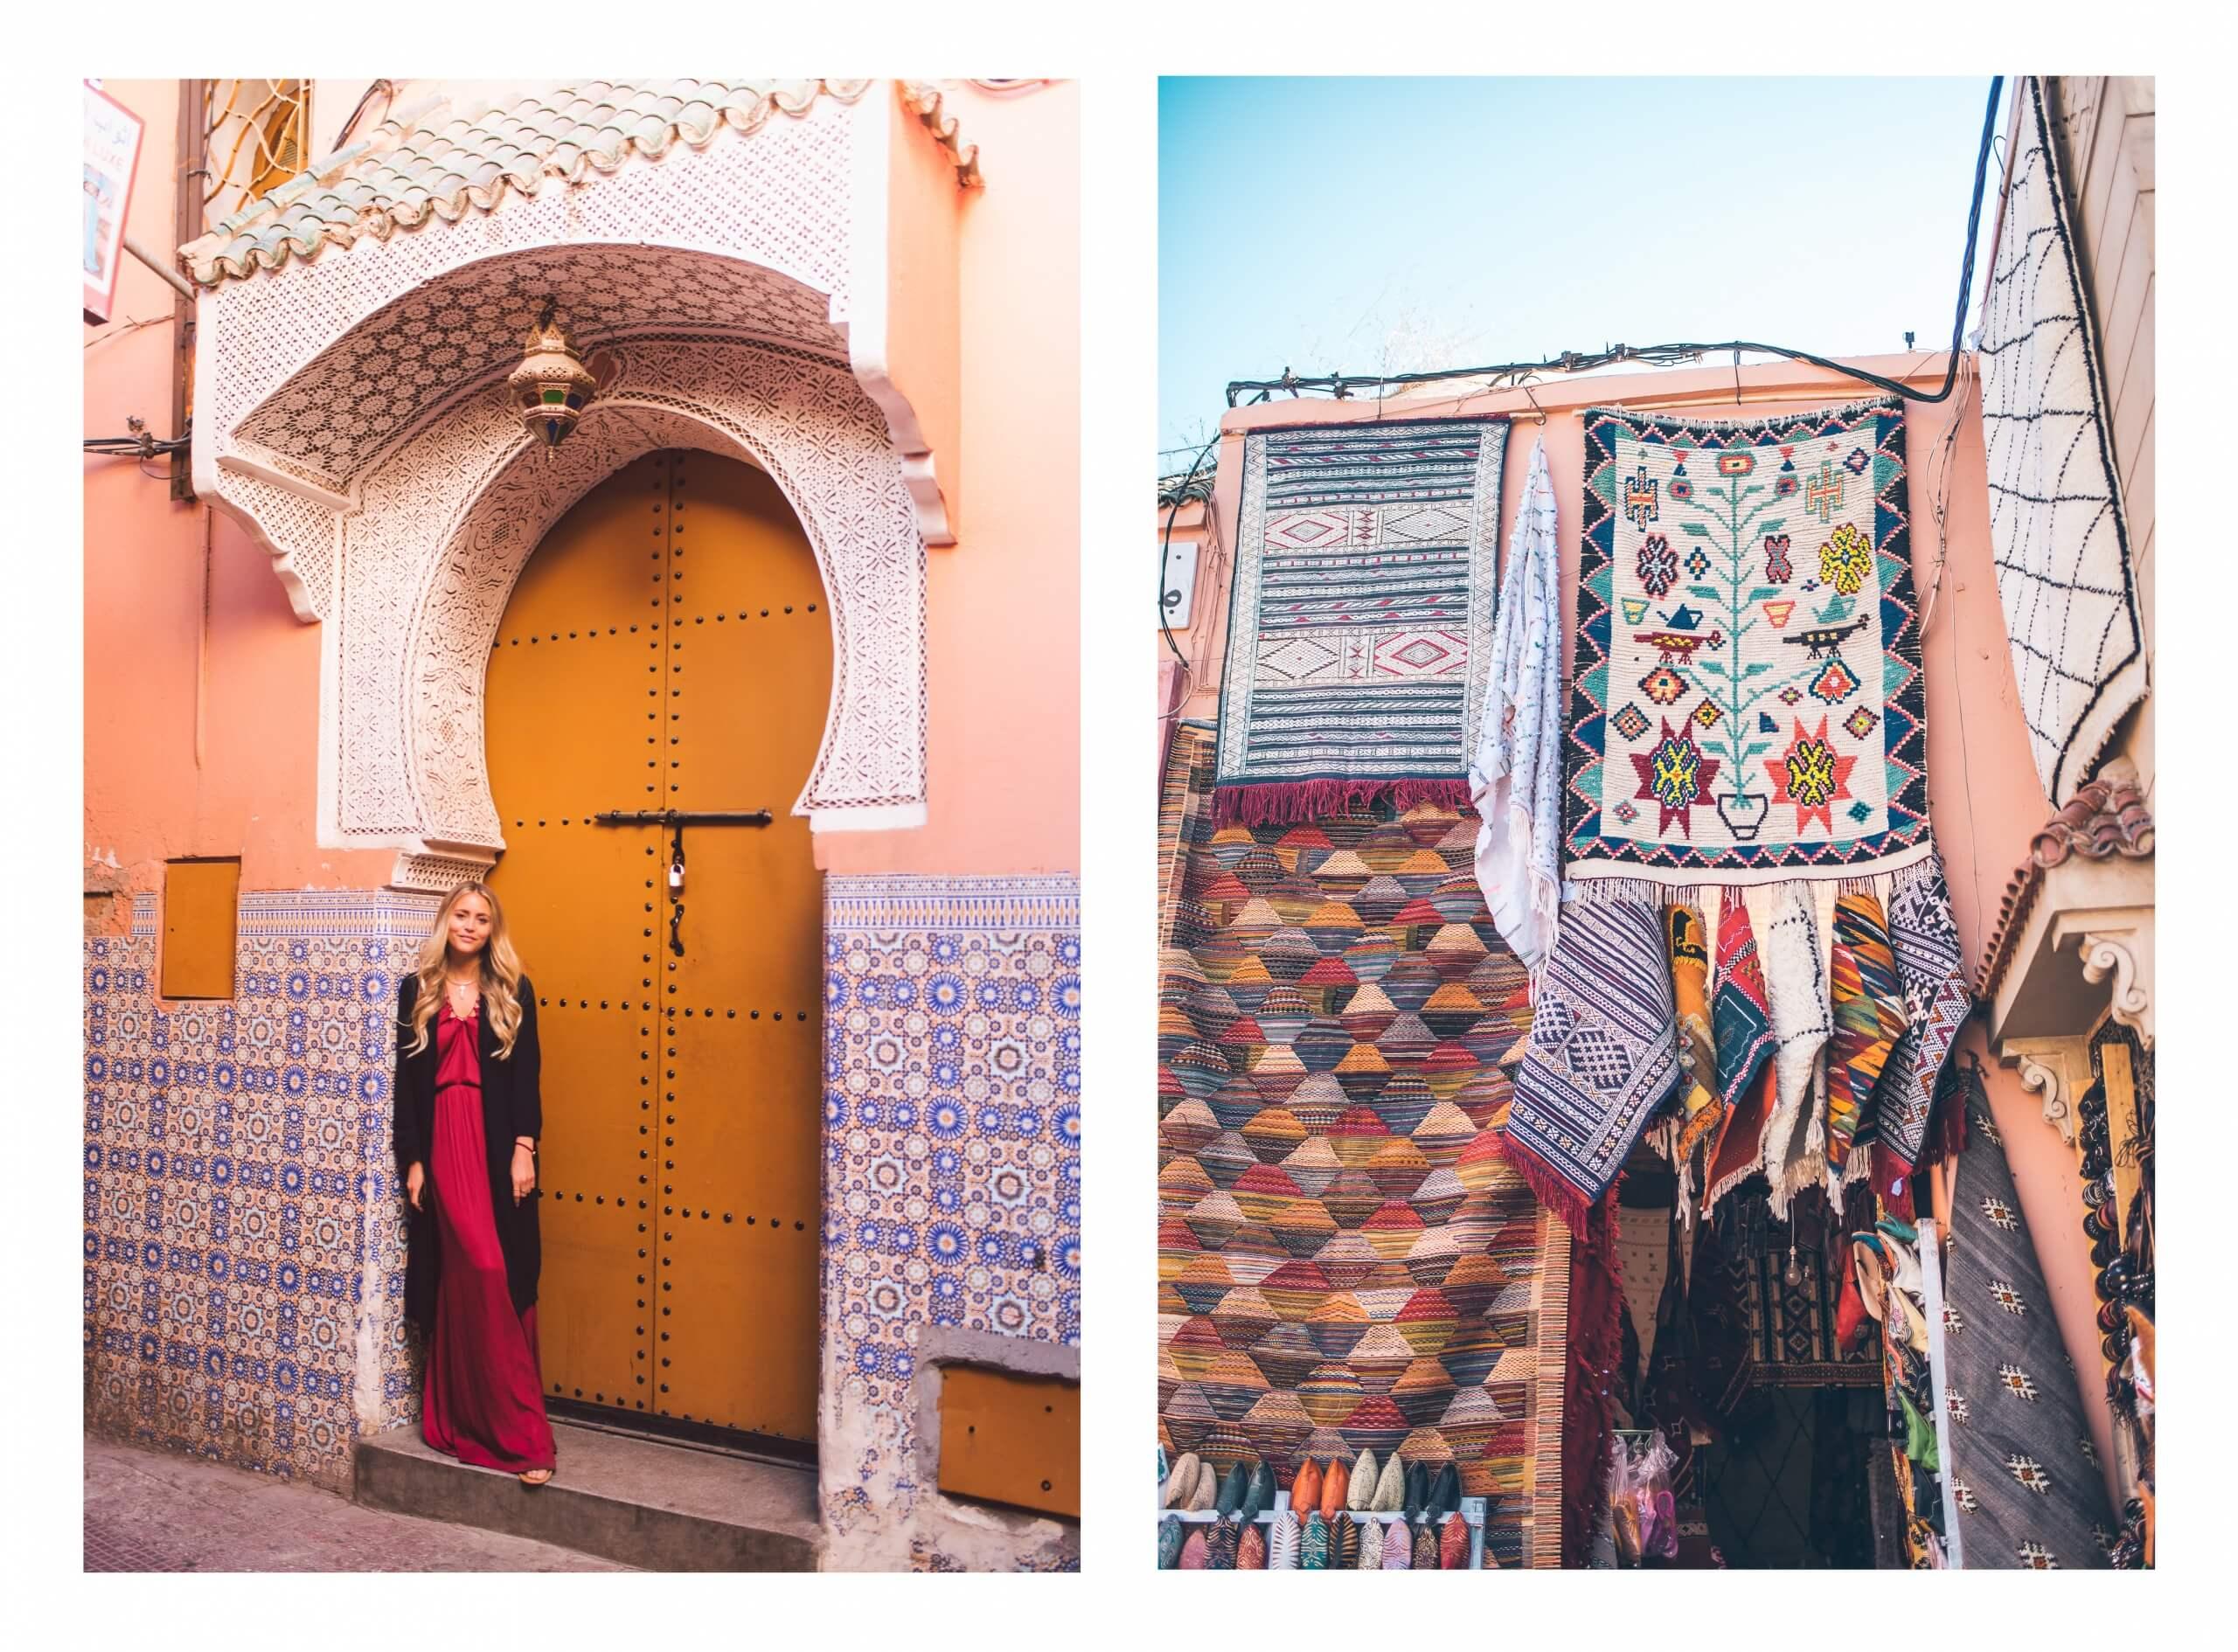 janni-deler-medina-marrakechDSC_0250 copy